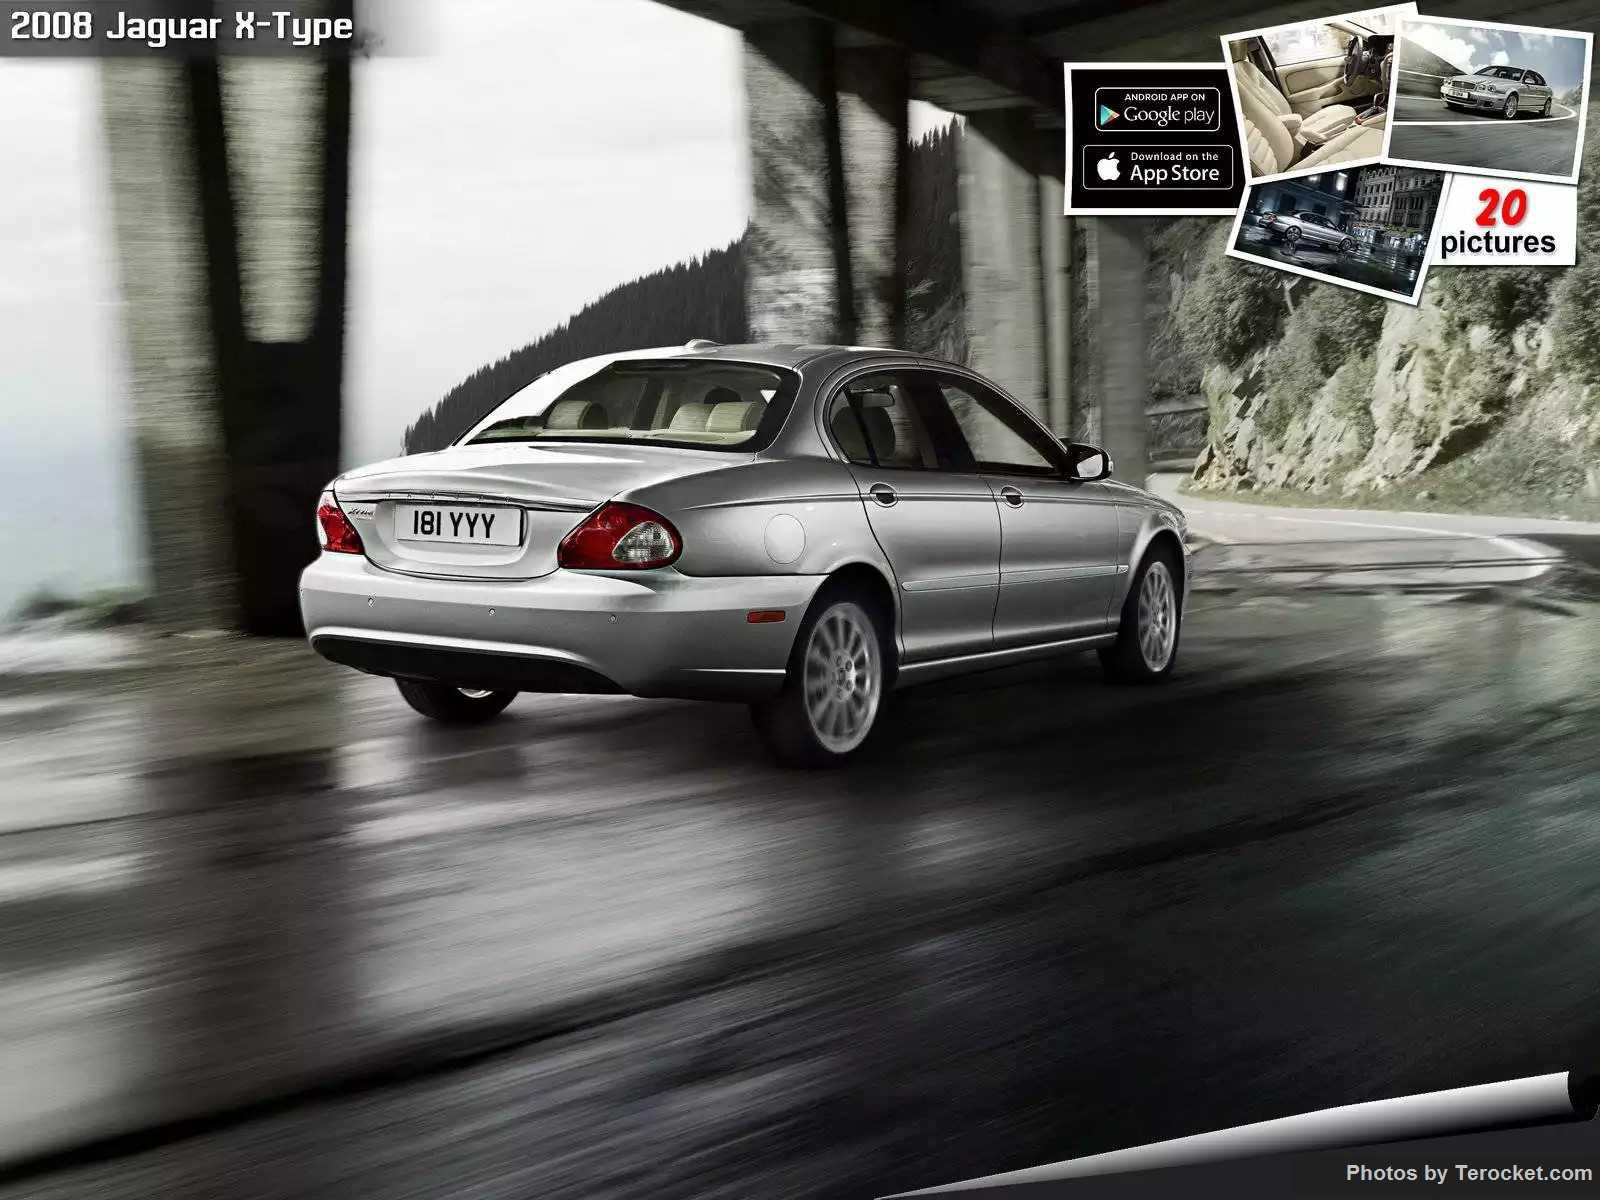 Hình ảnh xe ô tô Jaguar X-Type 2008 & nội ngoại thất